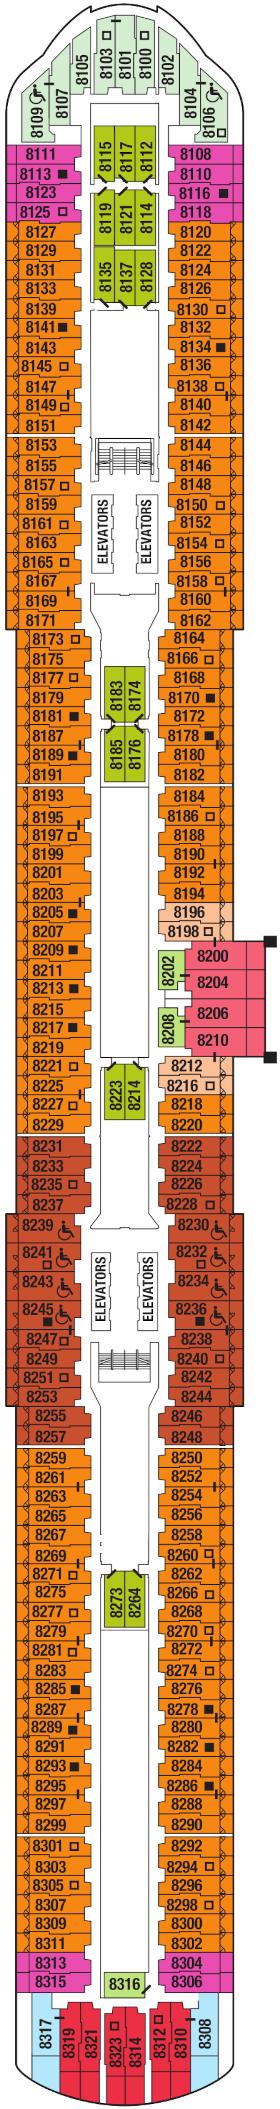 Celebrity Apex Deck Eight Deck Plan